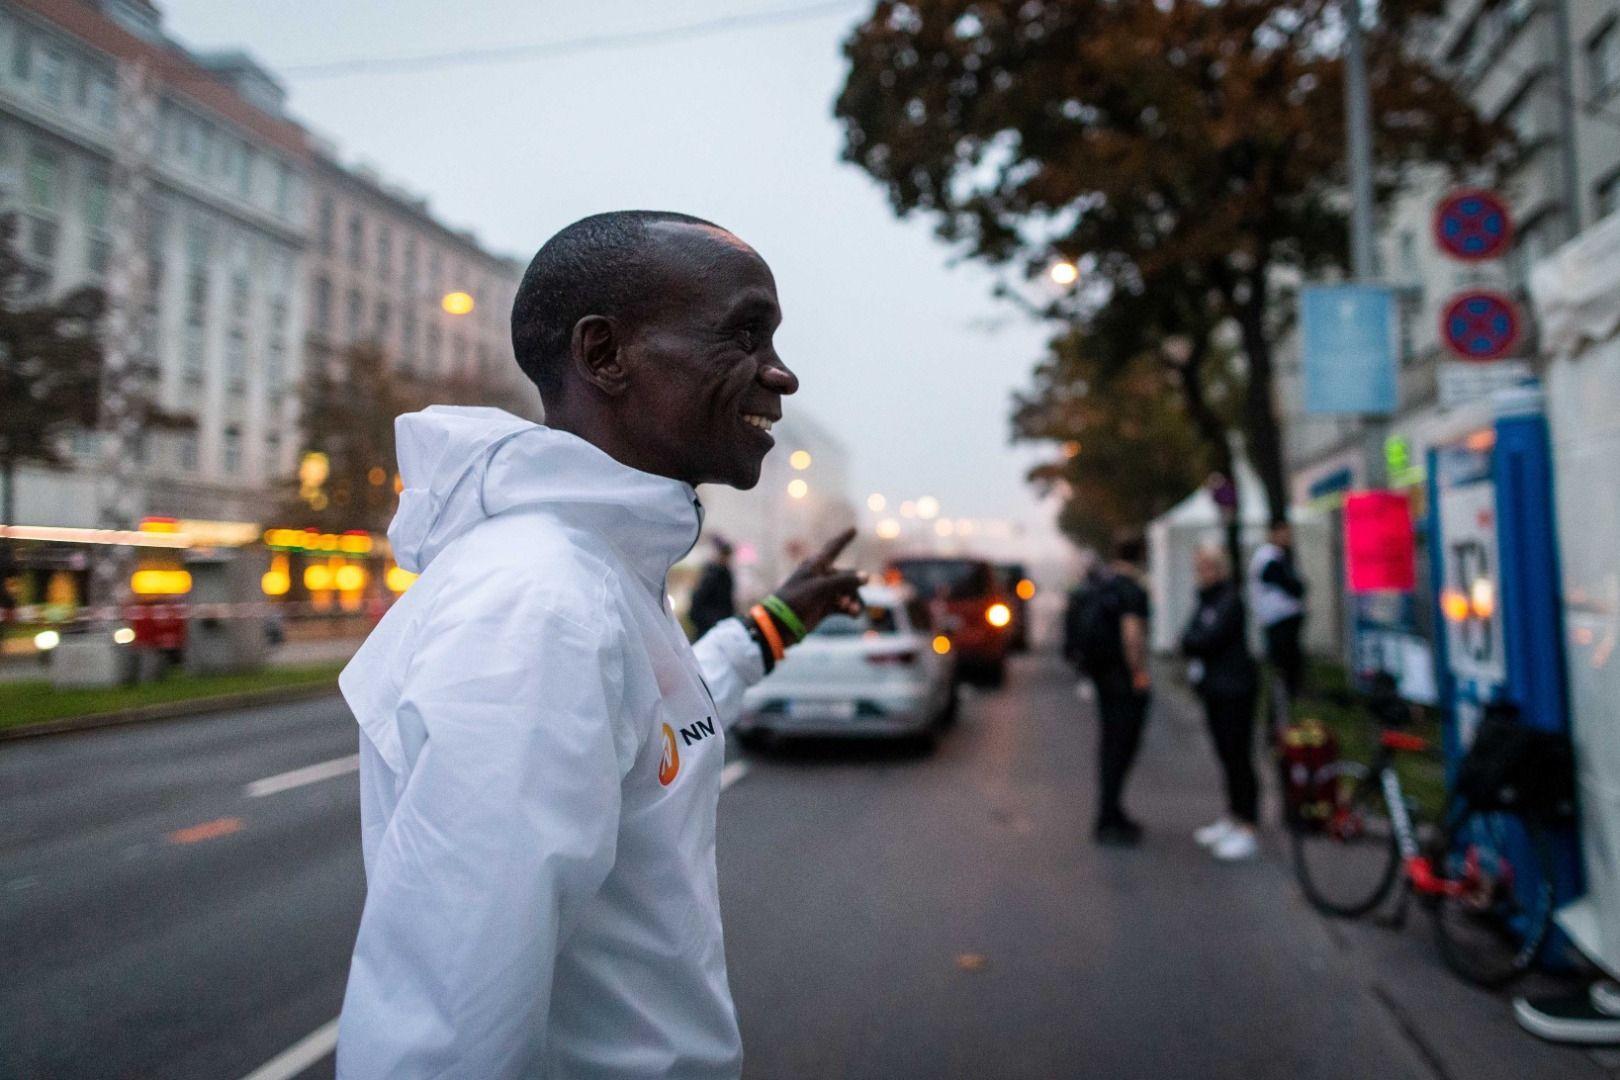 Las mejores fotos de la gesta de Kipchoge en Viena